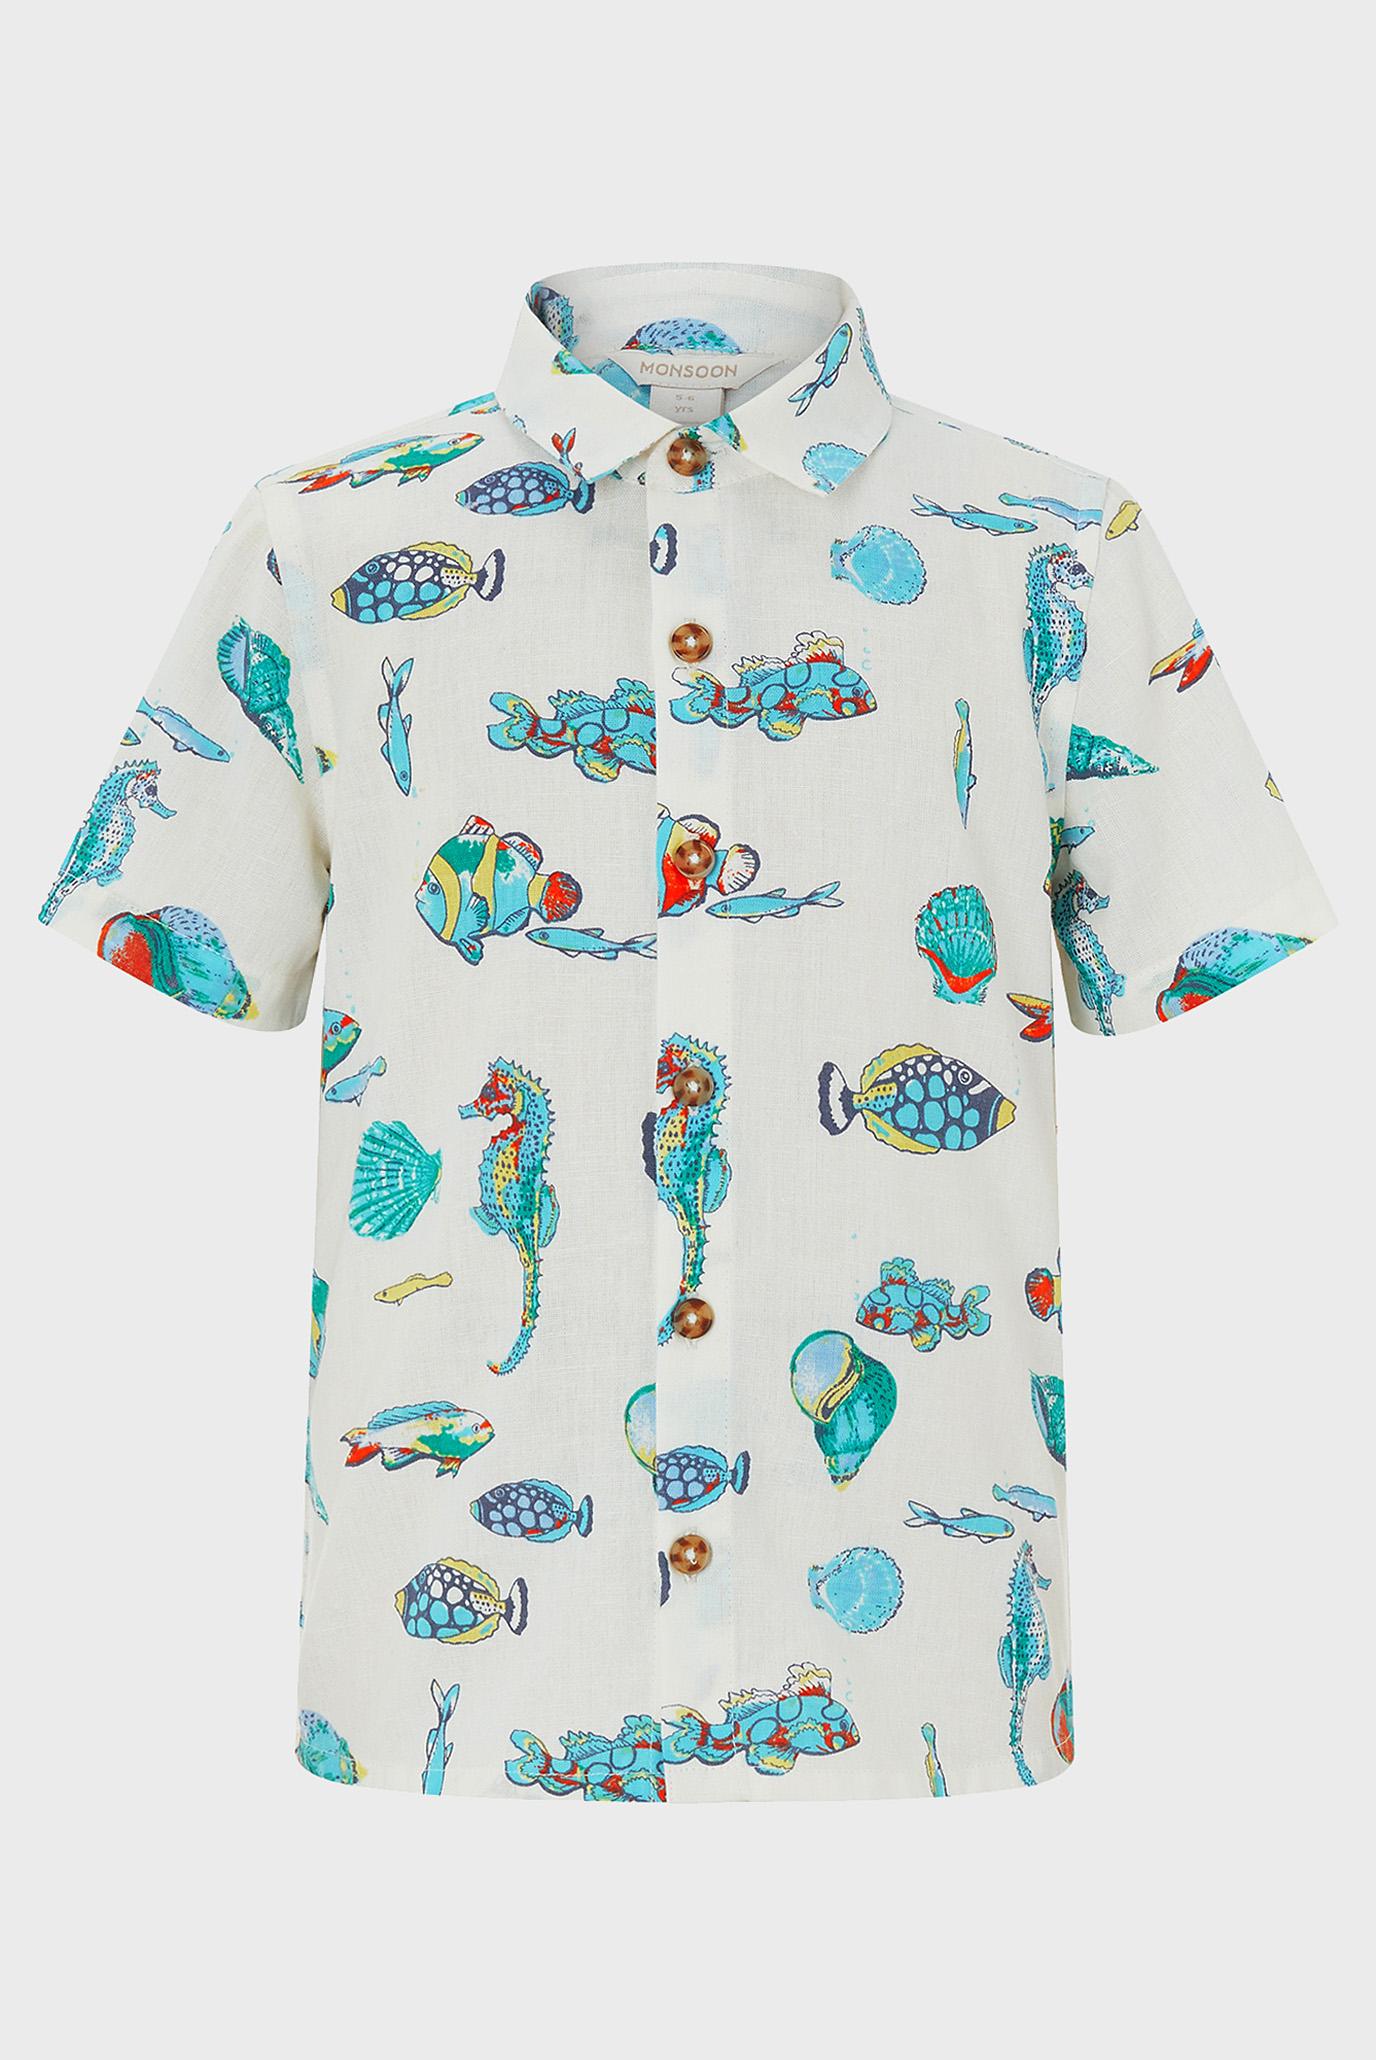 Купить Детская бежевая рубашка Kaspian Fish Monsoon Children Monsoon Children 616581 – Киев, Украина. Цены в интернет магазине MD Fashion